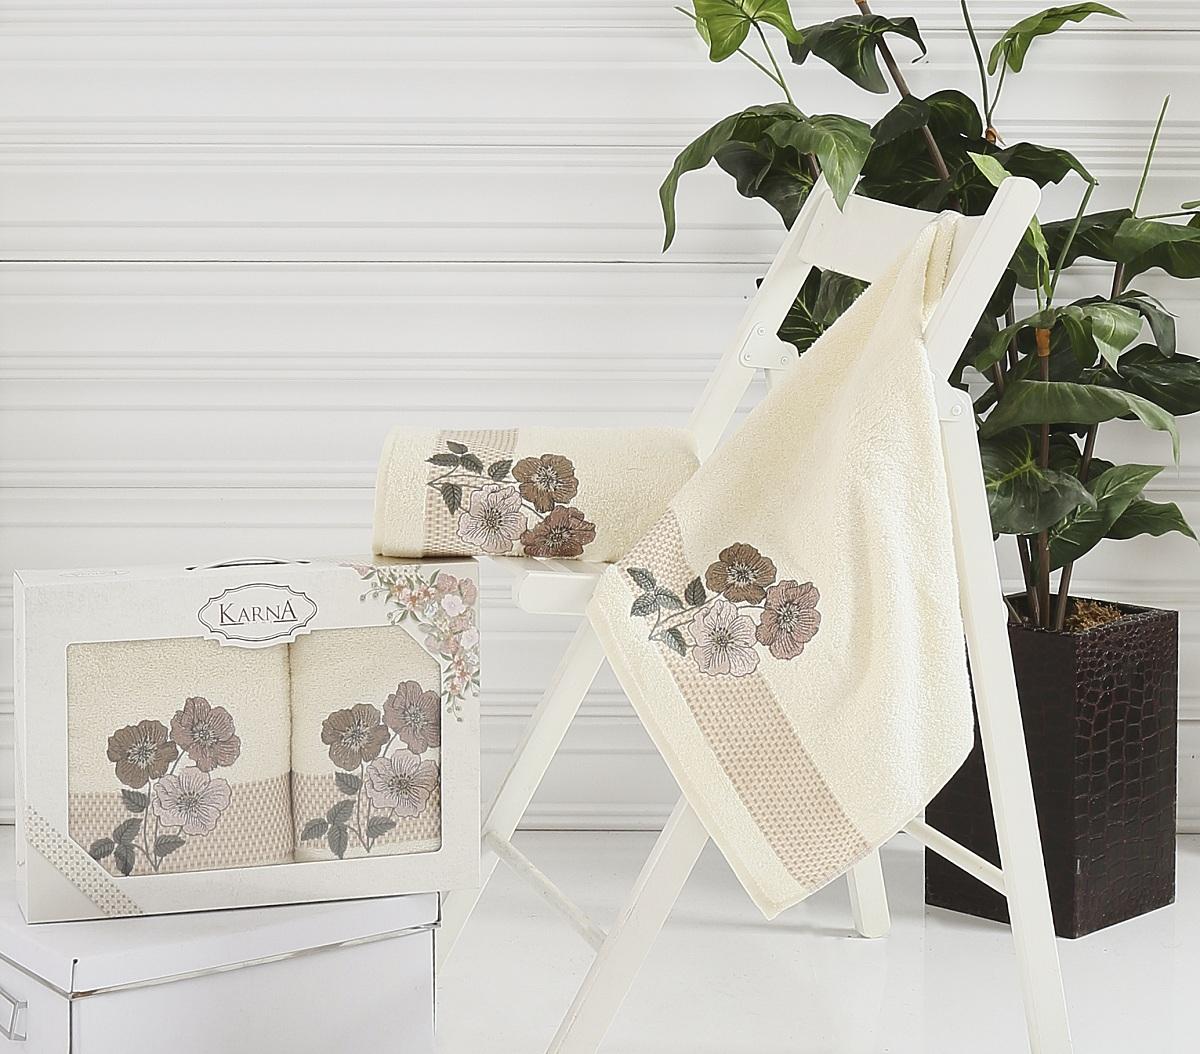 Набор полотенец Karna Sandy, цвет: кремовый, 2 шт2390/CHAR002